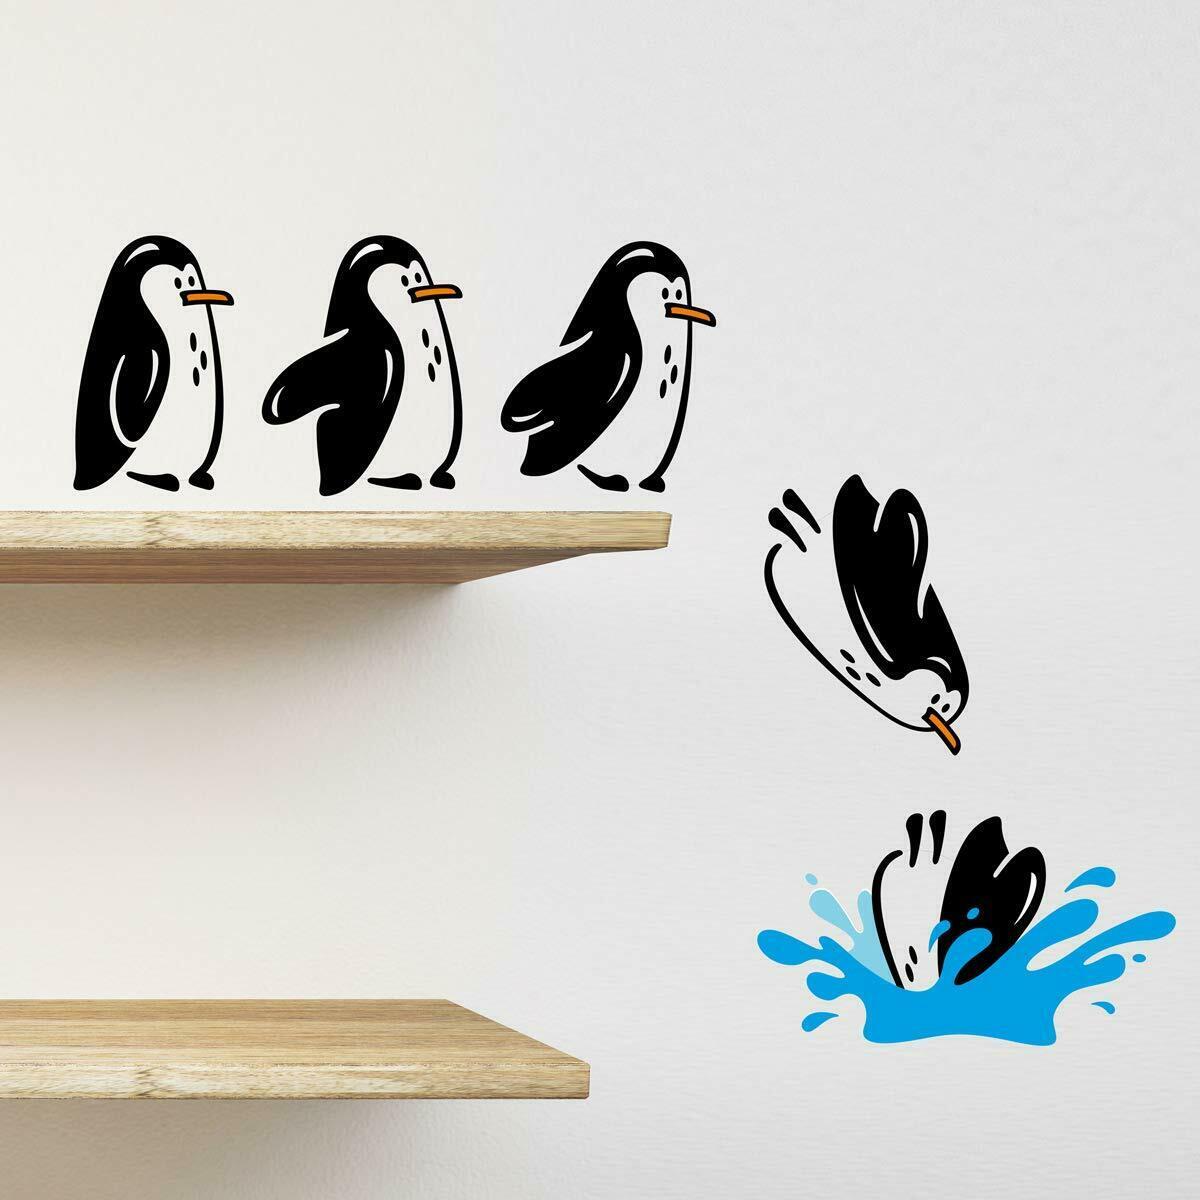 Jumping Flying Funny Vinyl Wall Sticker